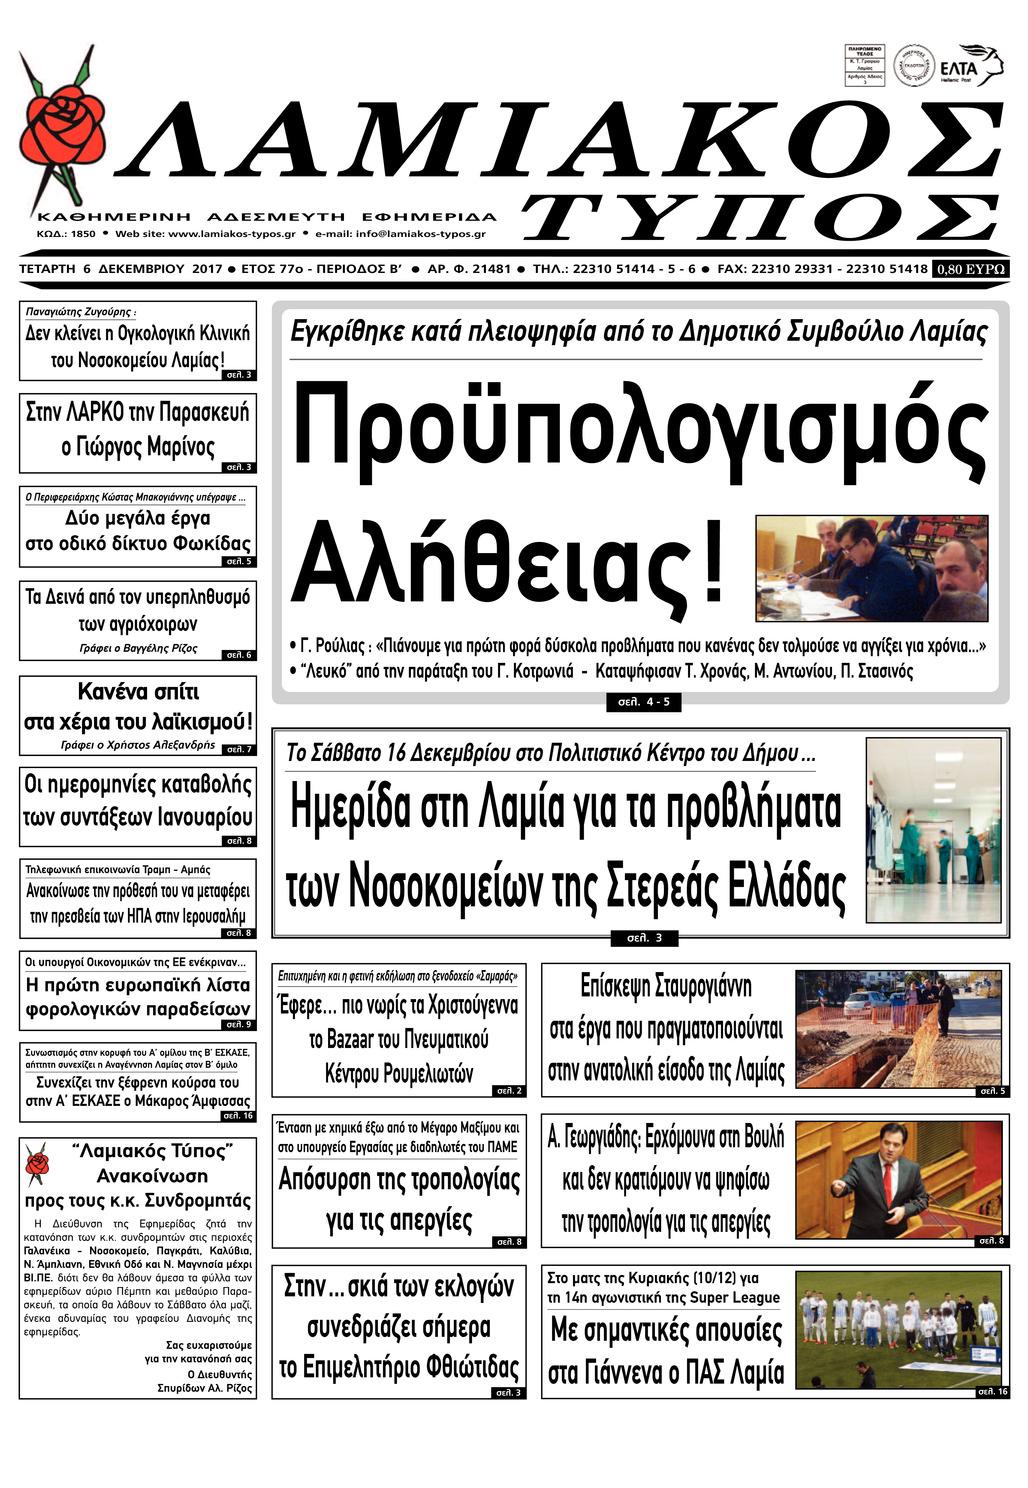 Πρωτοσέλιδο εφημερίδας Λαμιακός Τύπος